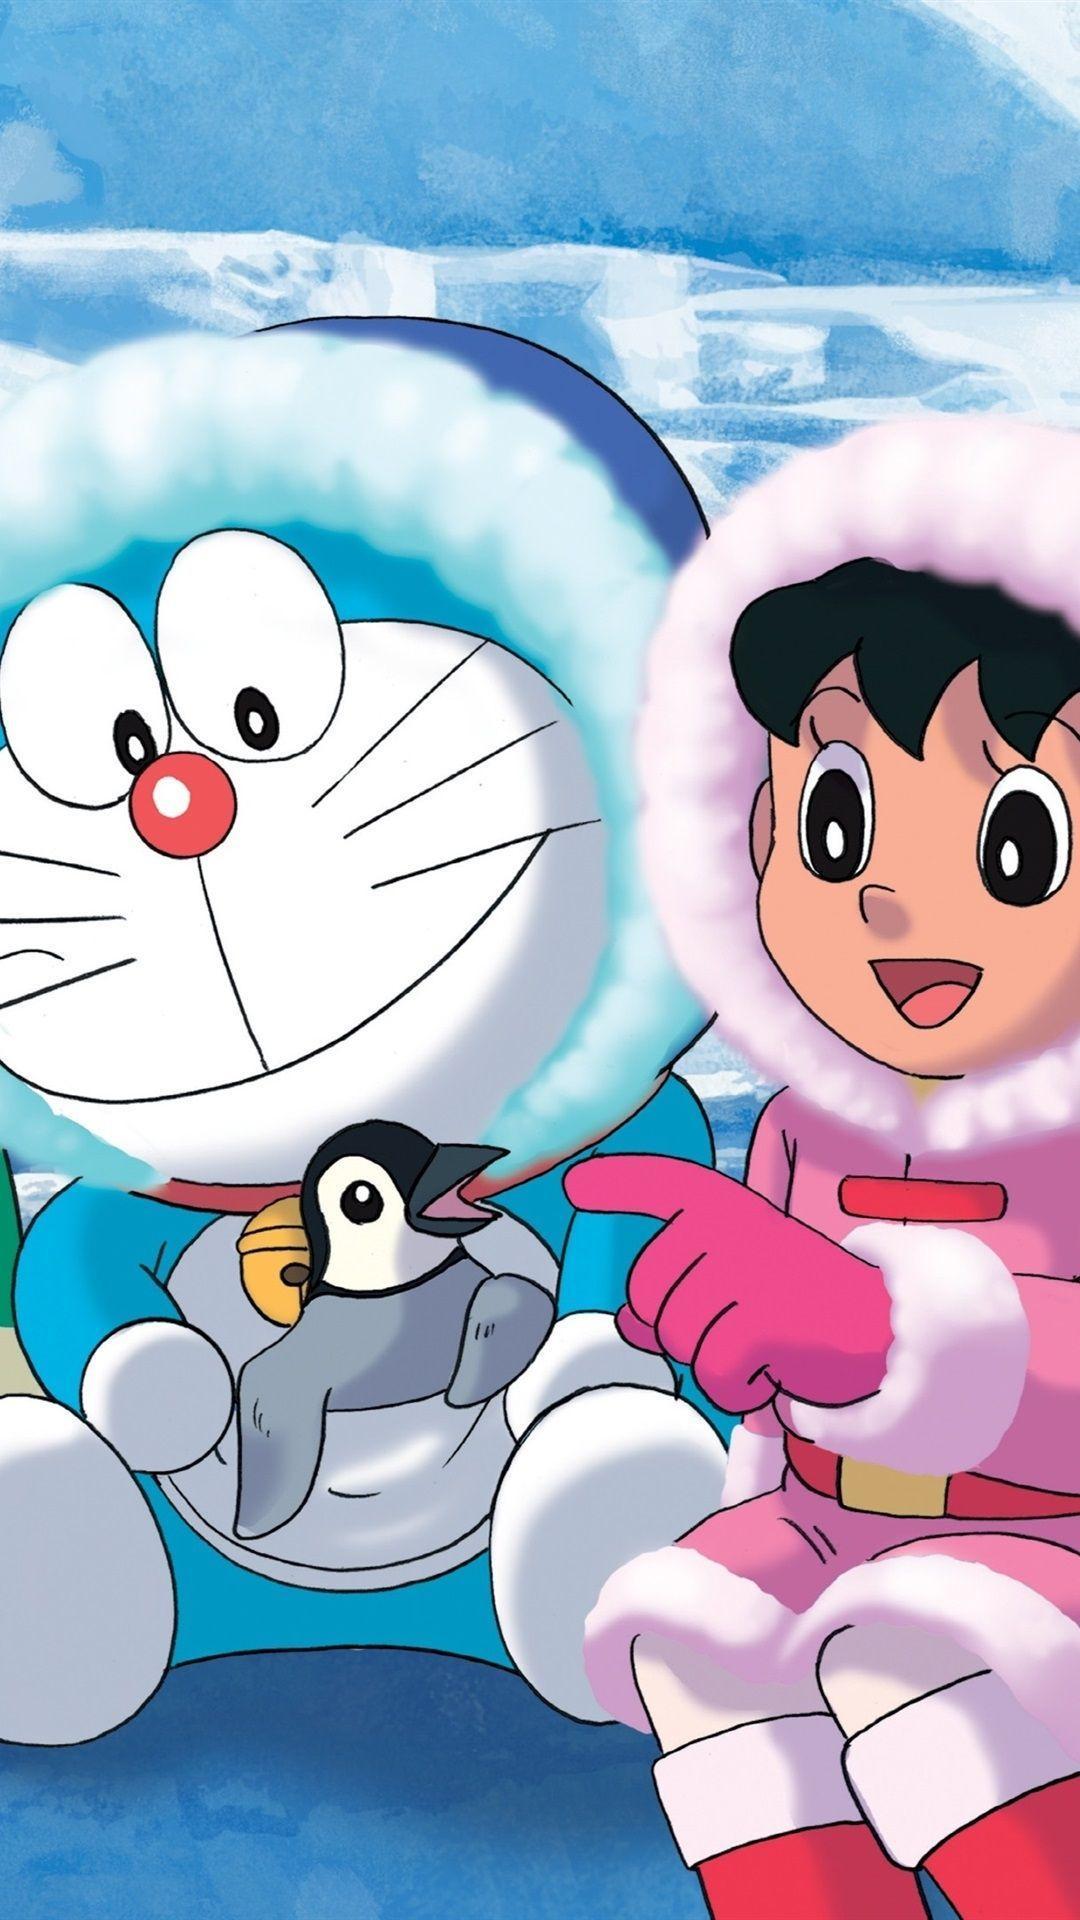 Hình nền HD 1080x1920 Doraemon dành cho Android Hình nền HD